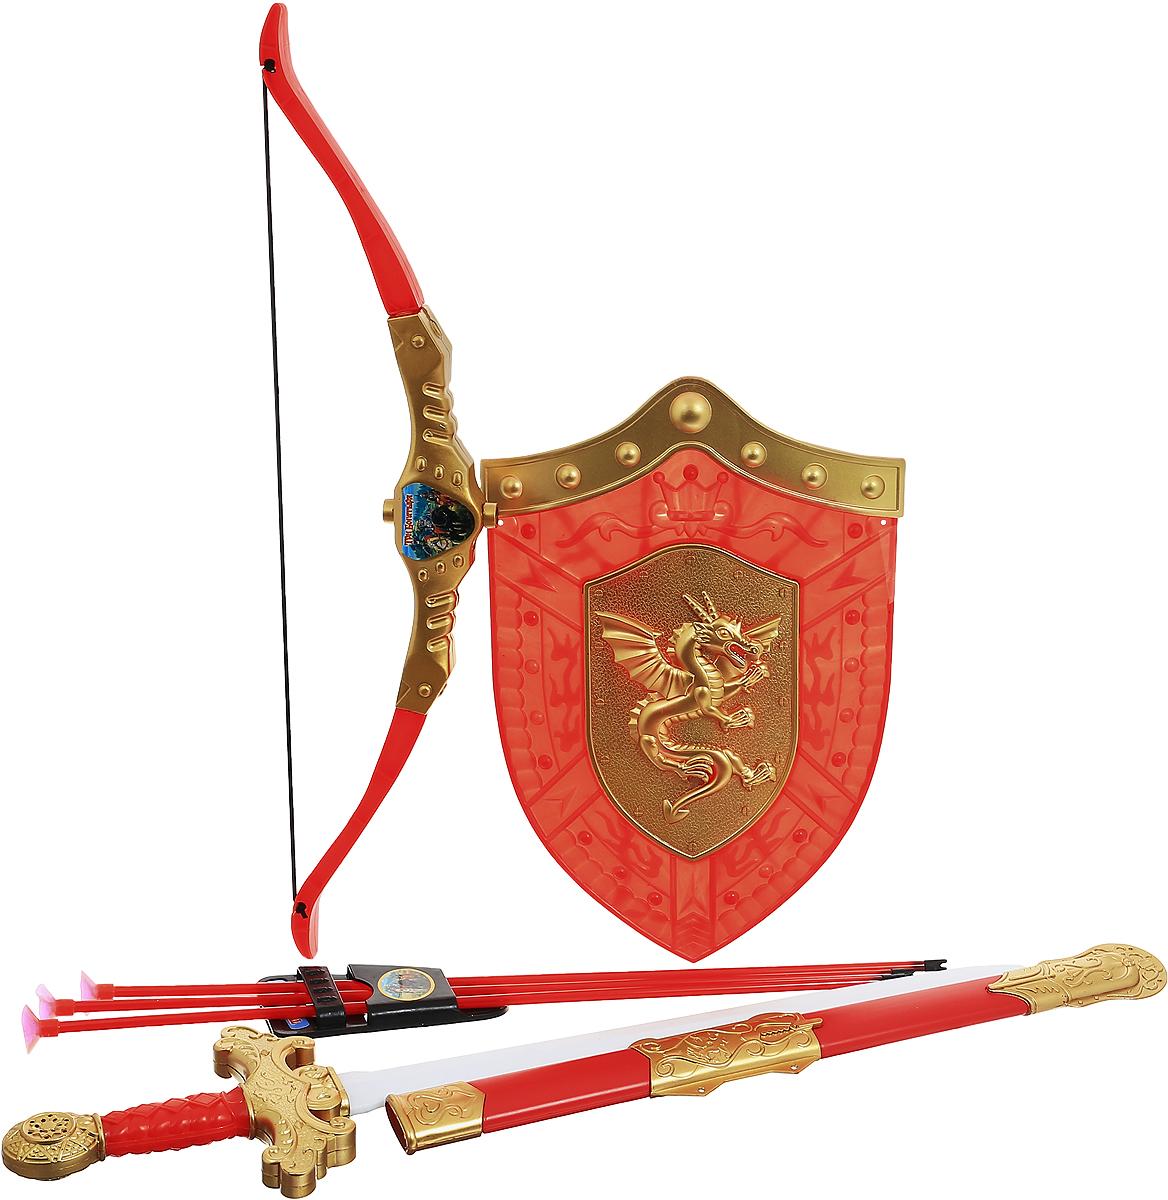 Играем вместе Набор оружия Три богатыря 8 предметов цвет красный золотистый лук со стрелами три богатыря